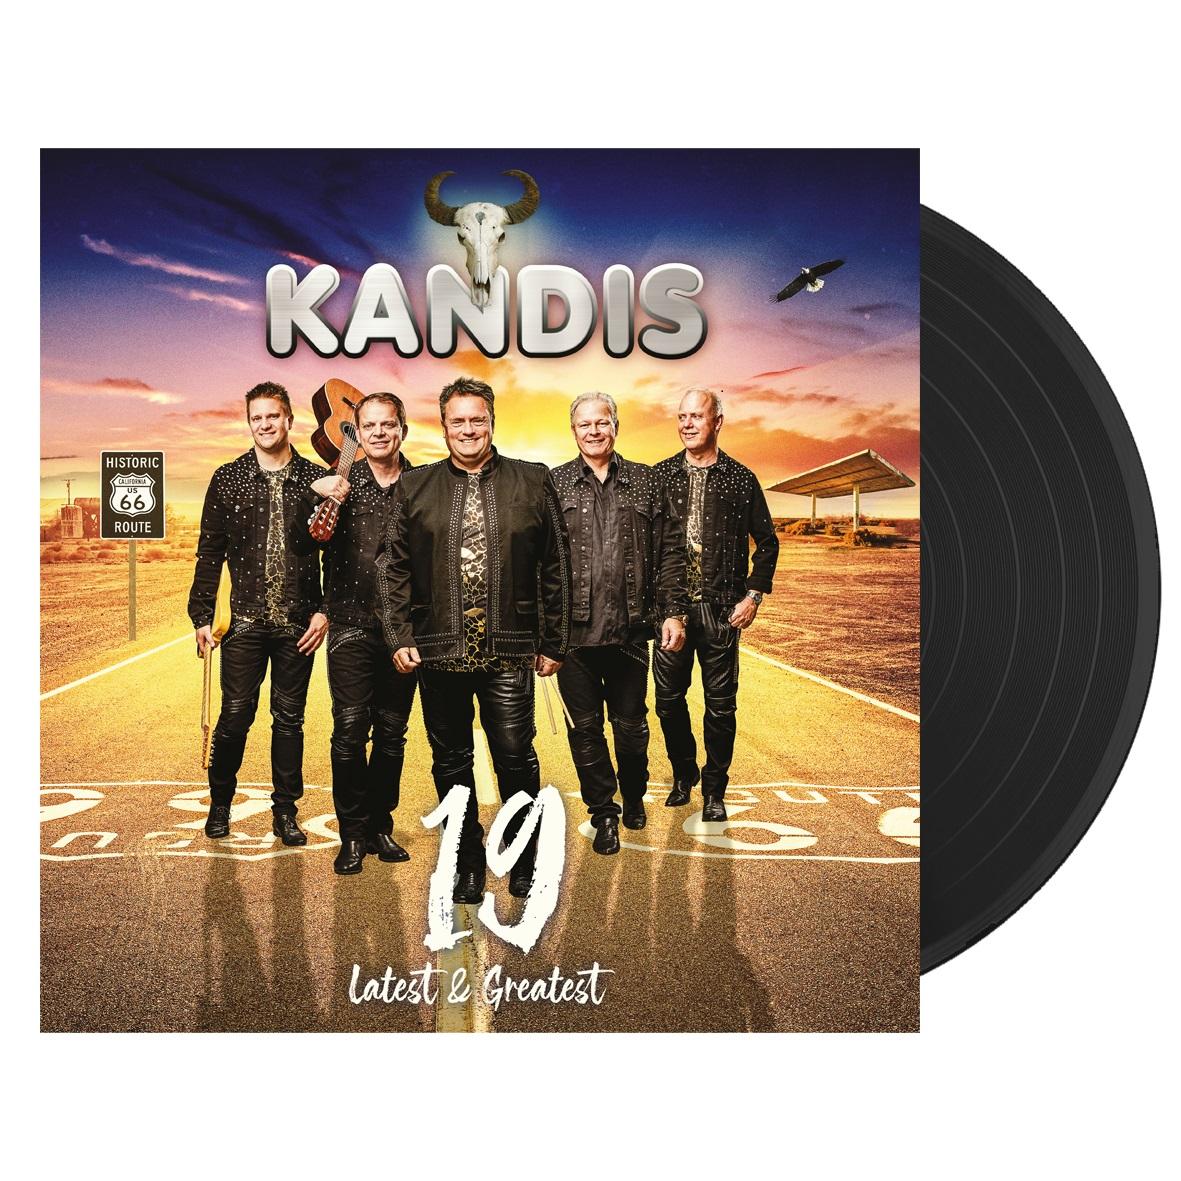 19 - Latest & Greatest - Kandis - Musik -  - 5711053021465 - 16/12-2019